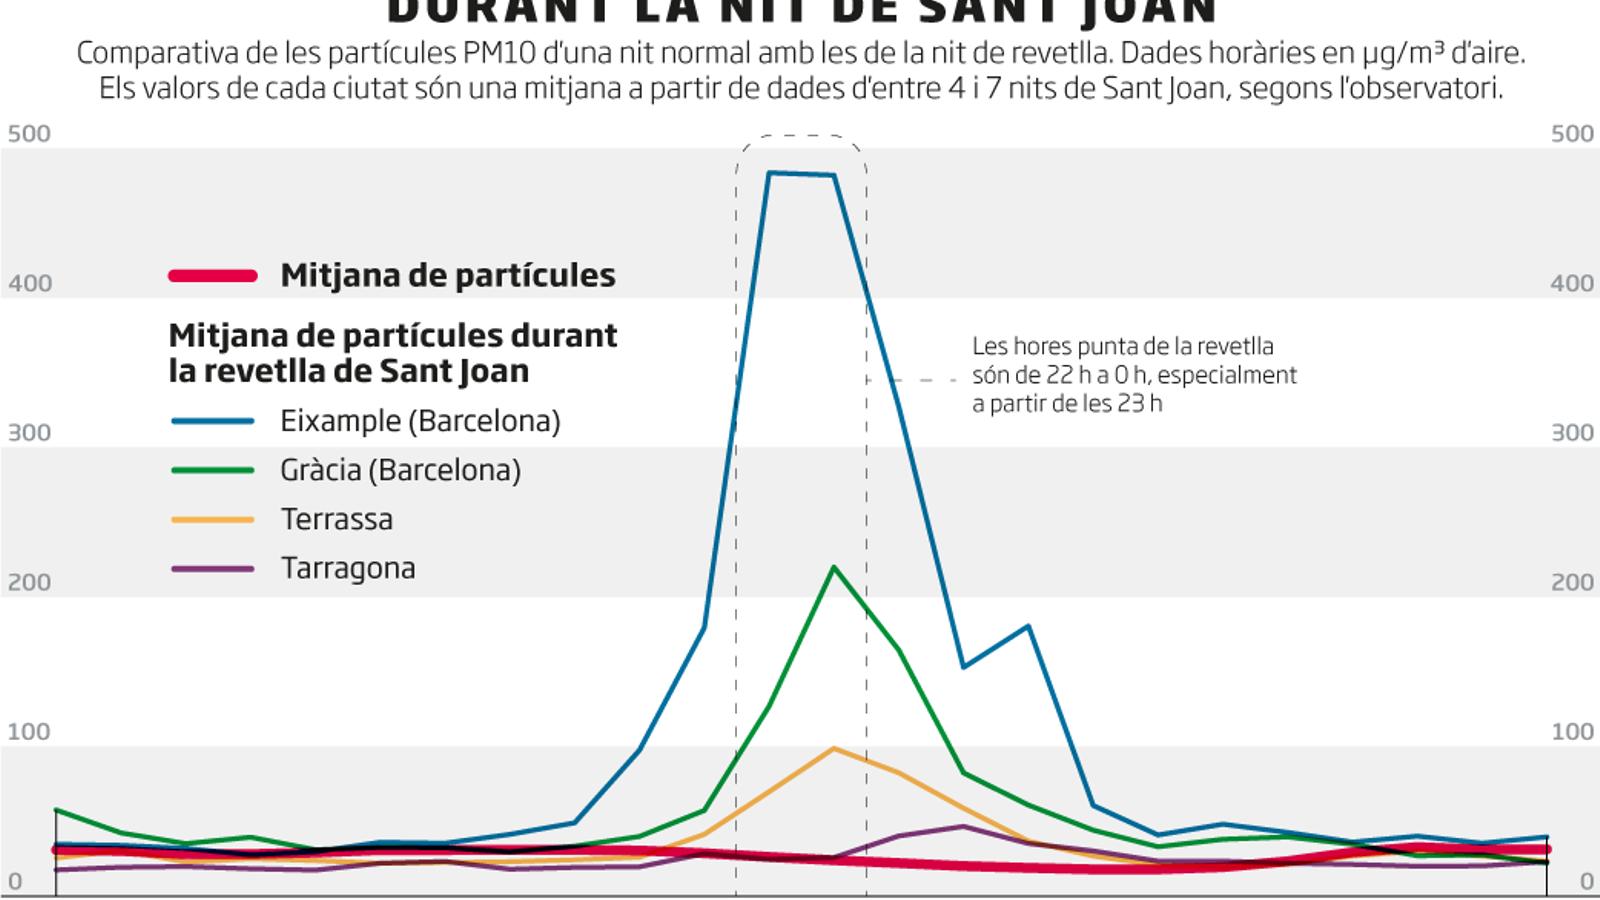 La revetlla de Sant Joan, un pic curt  i brutal de contaminació